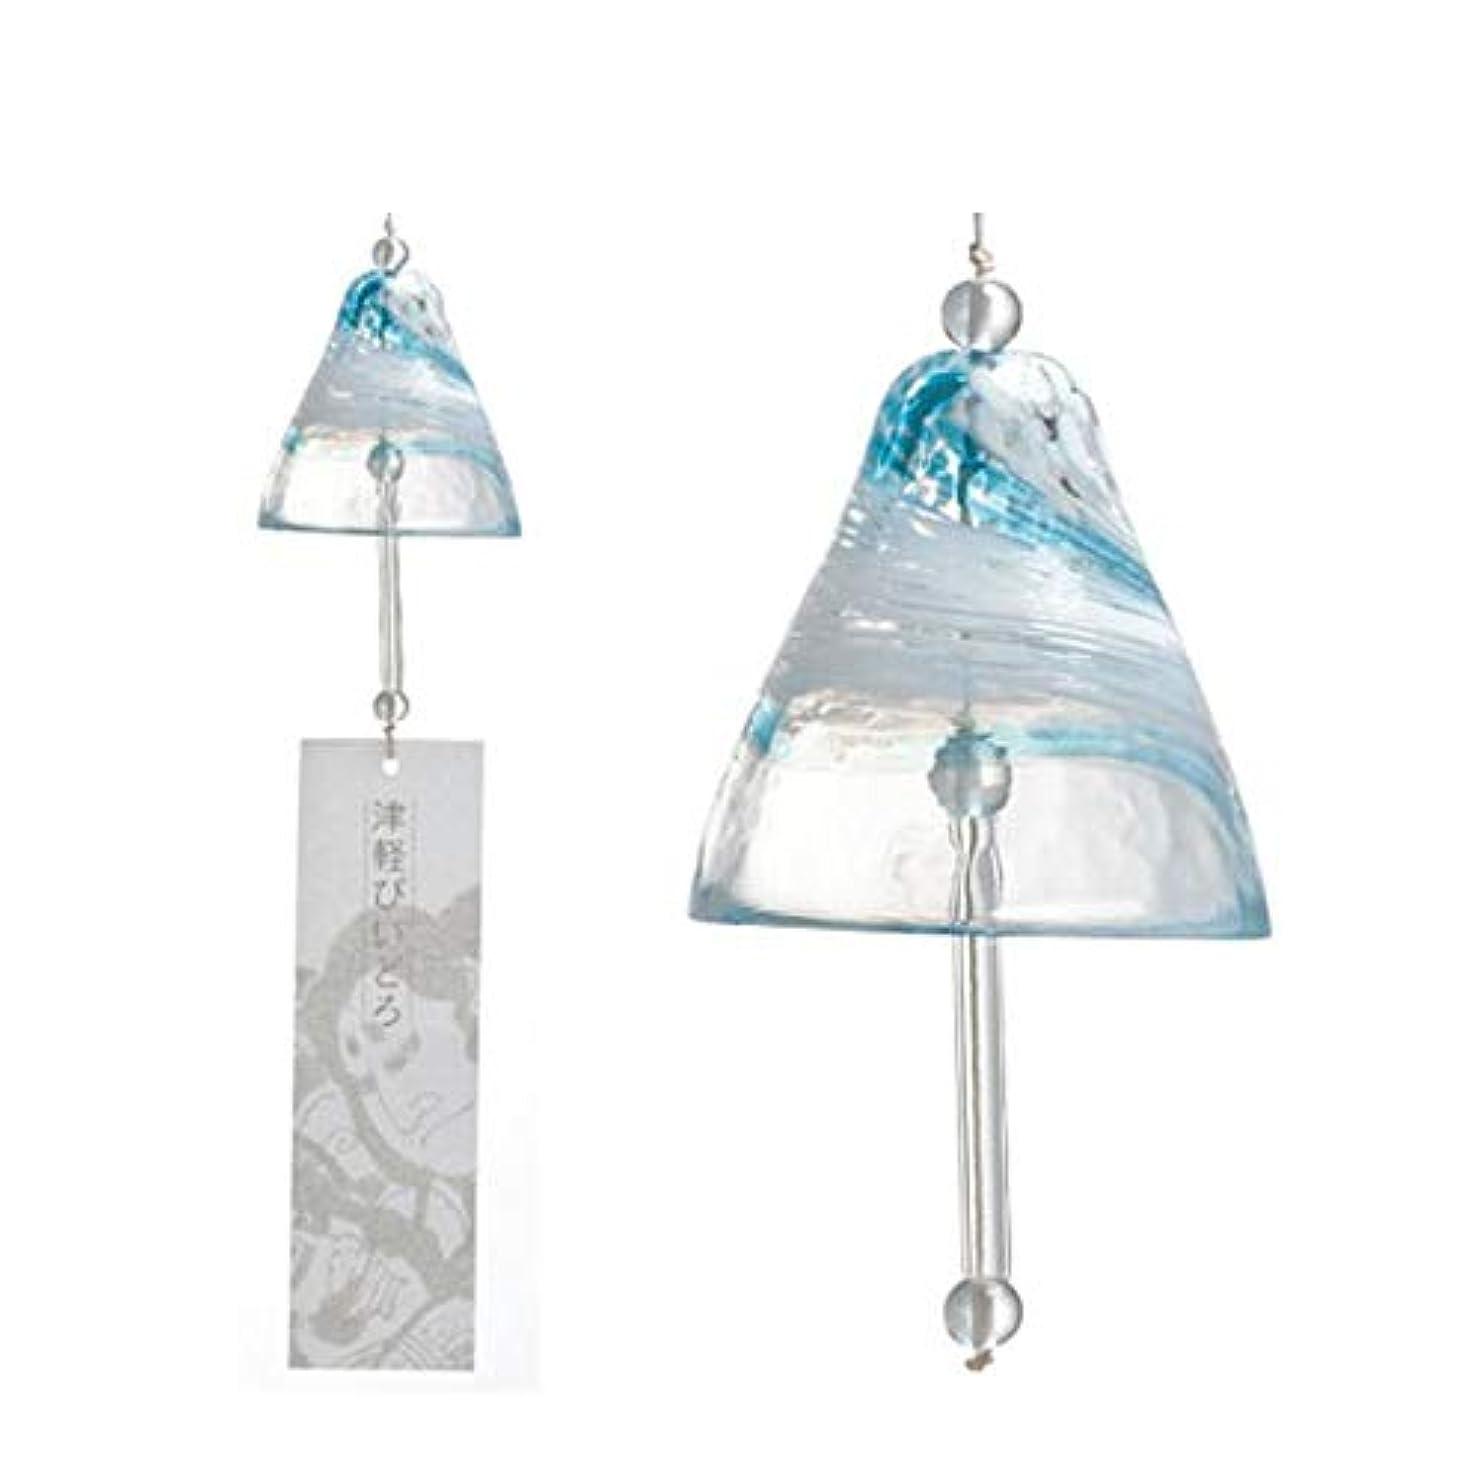 両方急襲ラジカルYoushangshipin 風チャイム、クリスタルガラス風チャイム、ドア飾りペンダント、レッド、サイズ75x76mmハンギング,美しいギフトボックス (Color : Blue)